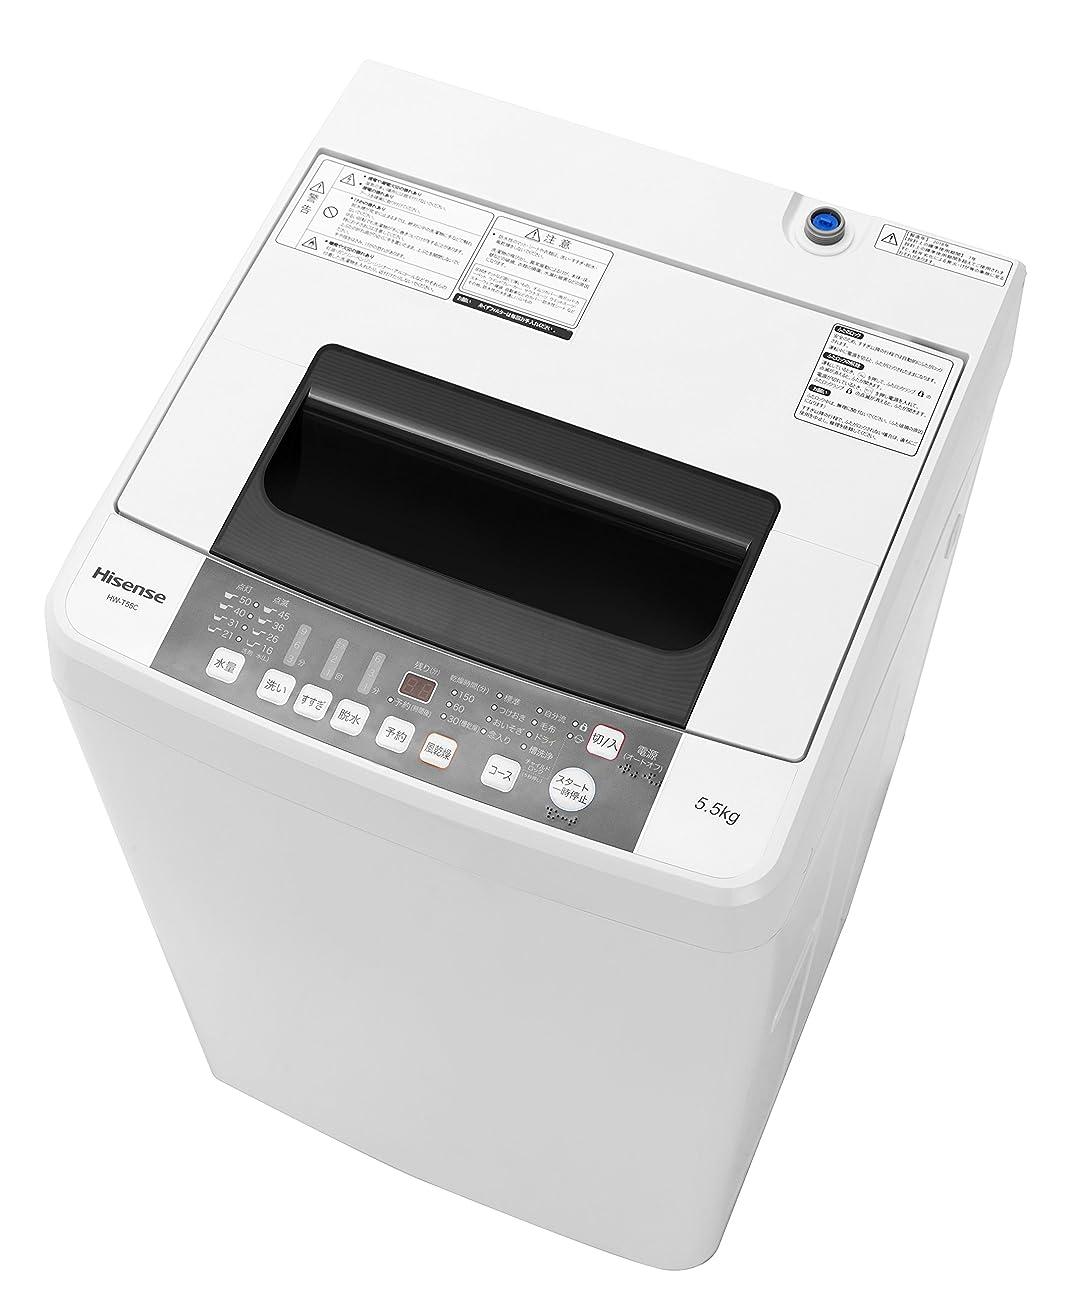 終わらせる注ぎます沈黙【セット販売】シャープ 冷蔵庫 350L (幅60.0cm) 両開き 3ドア + 全自動洗濯機 幅56.5cm 6kg ステンレス穴なし槽